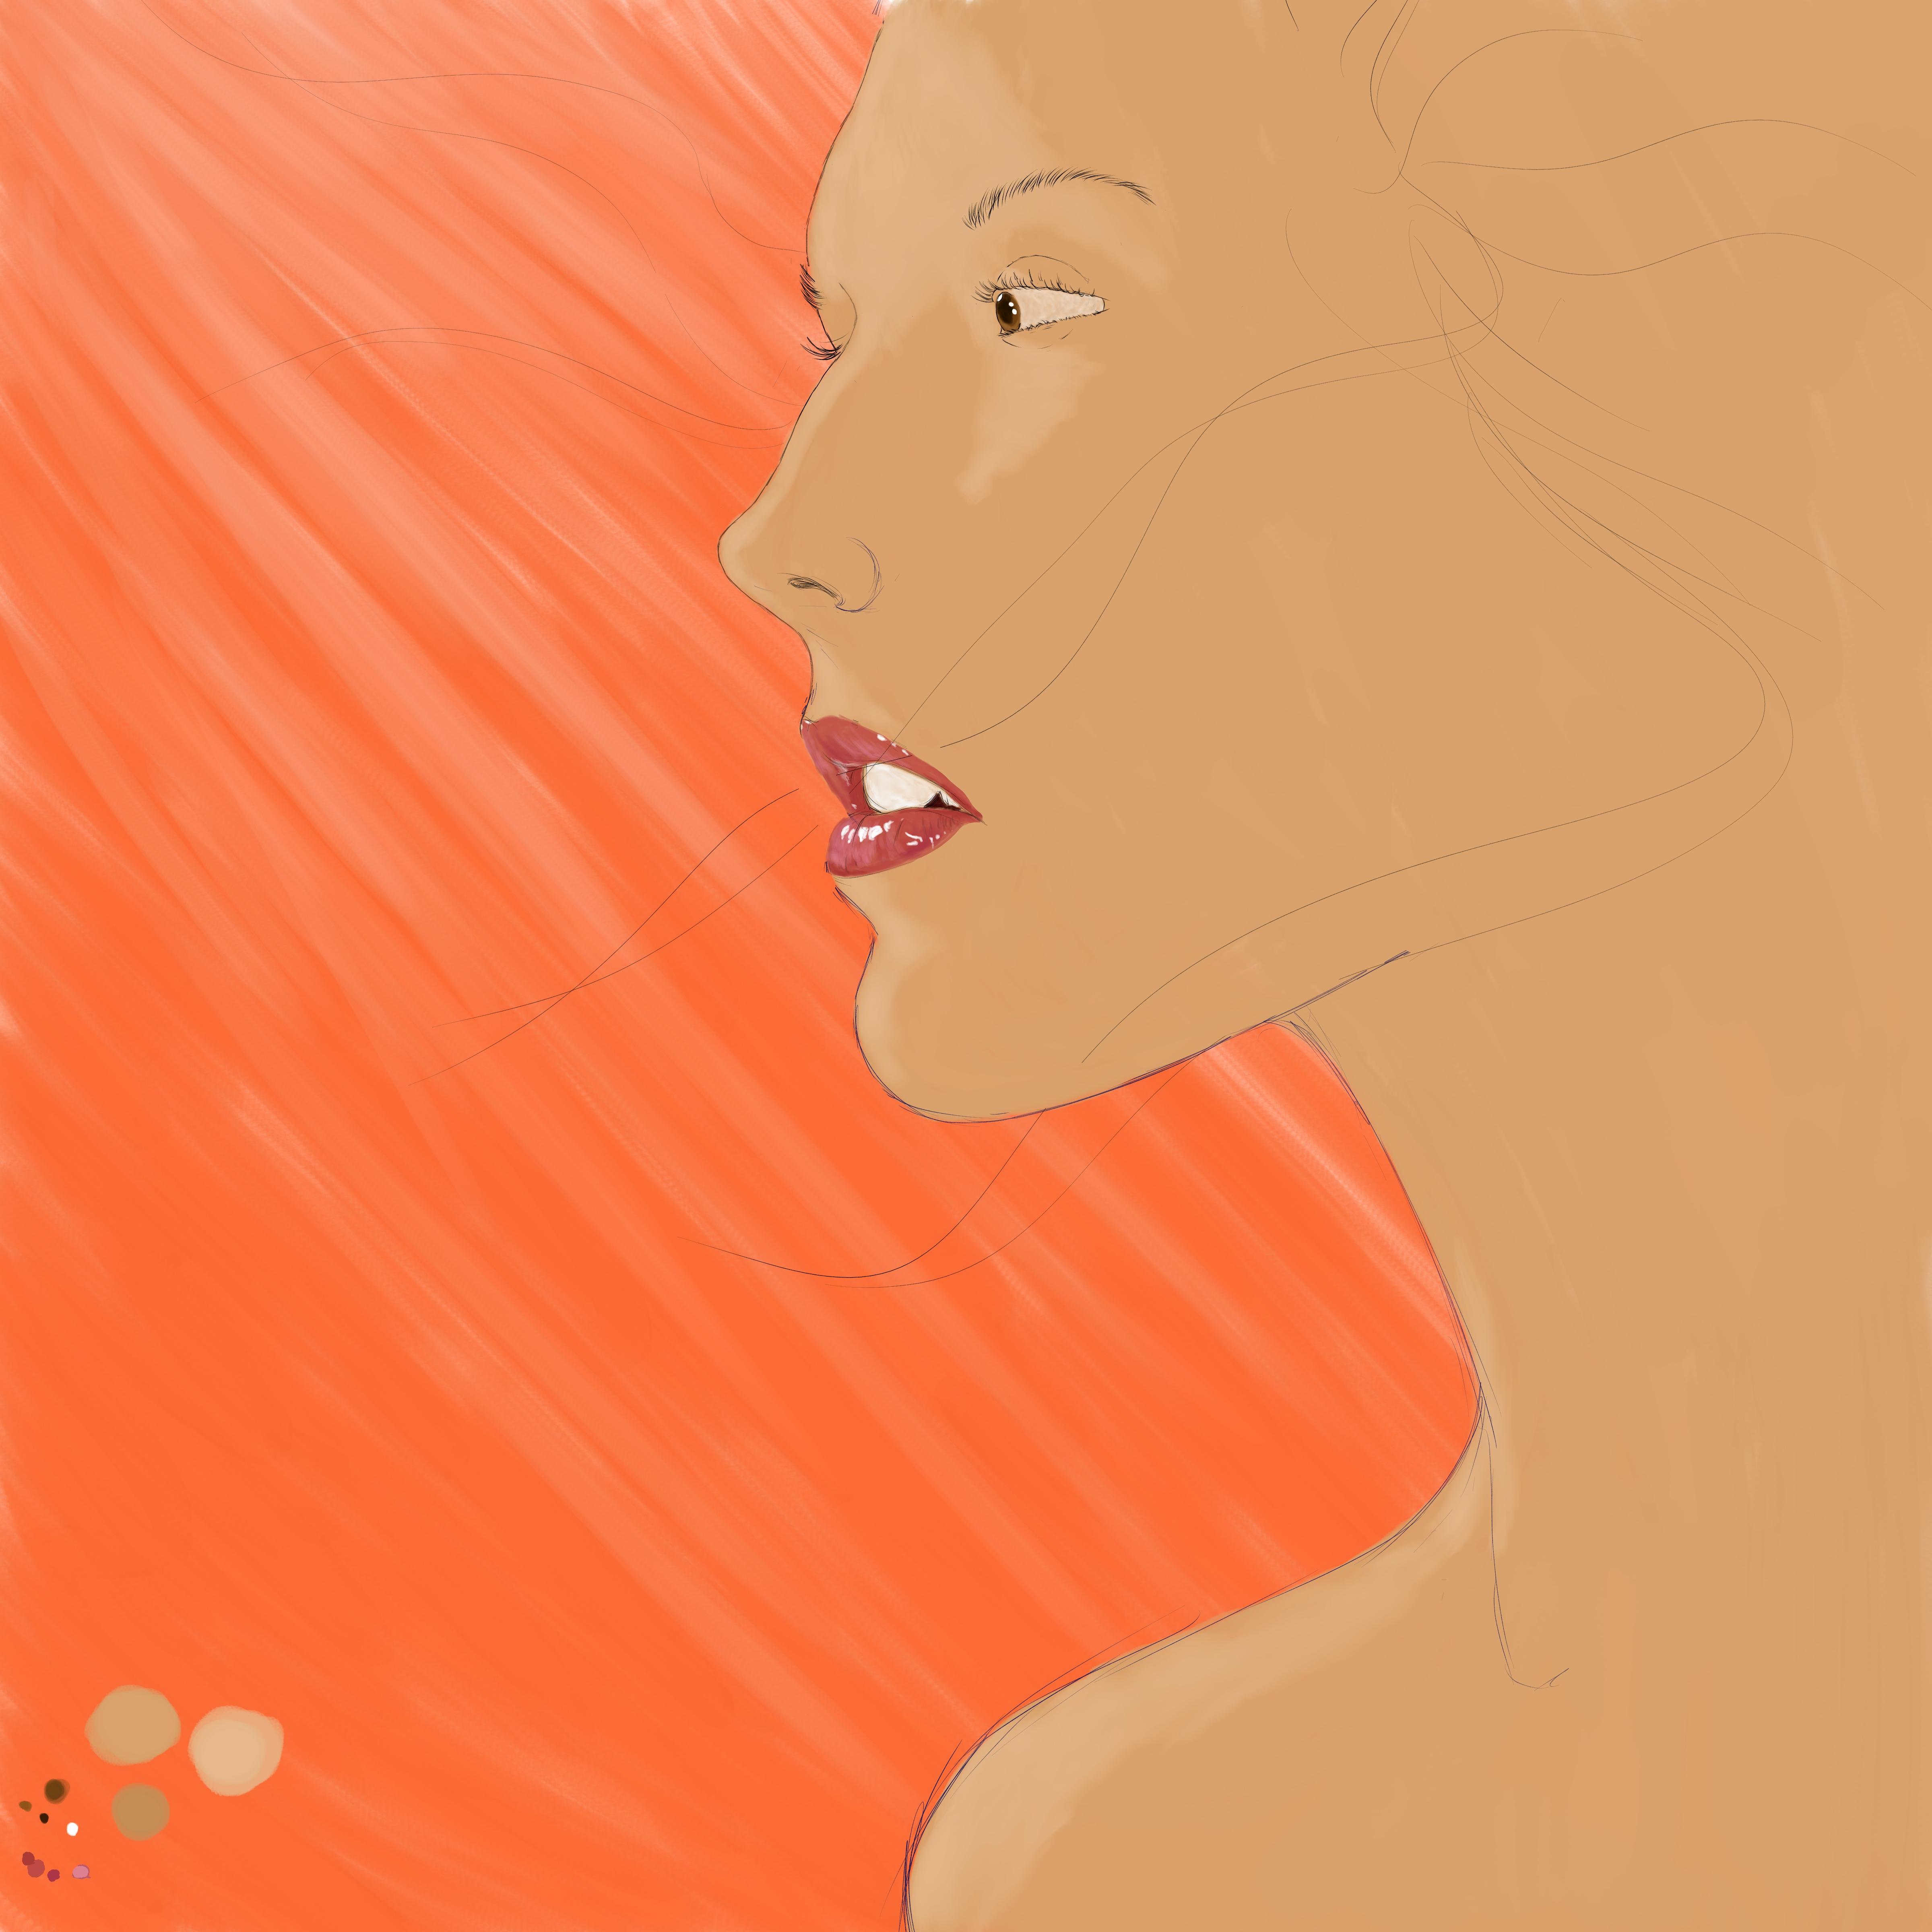 woman-2.jpg